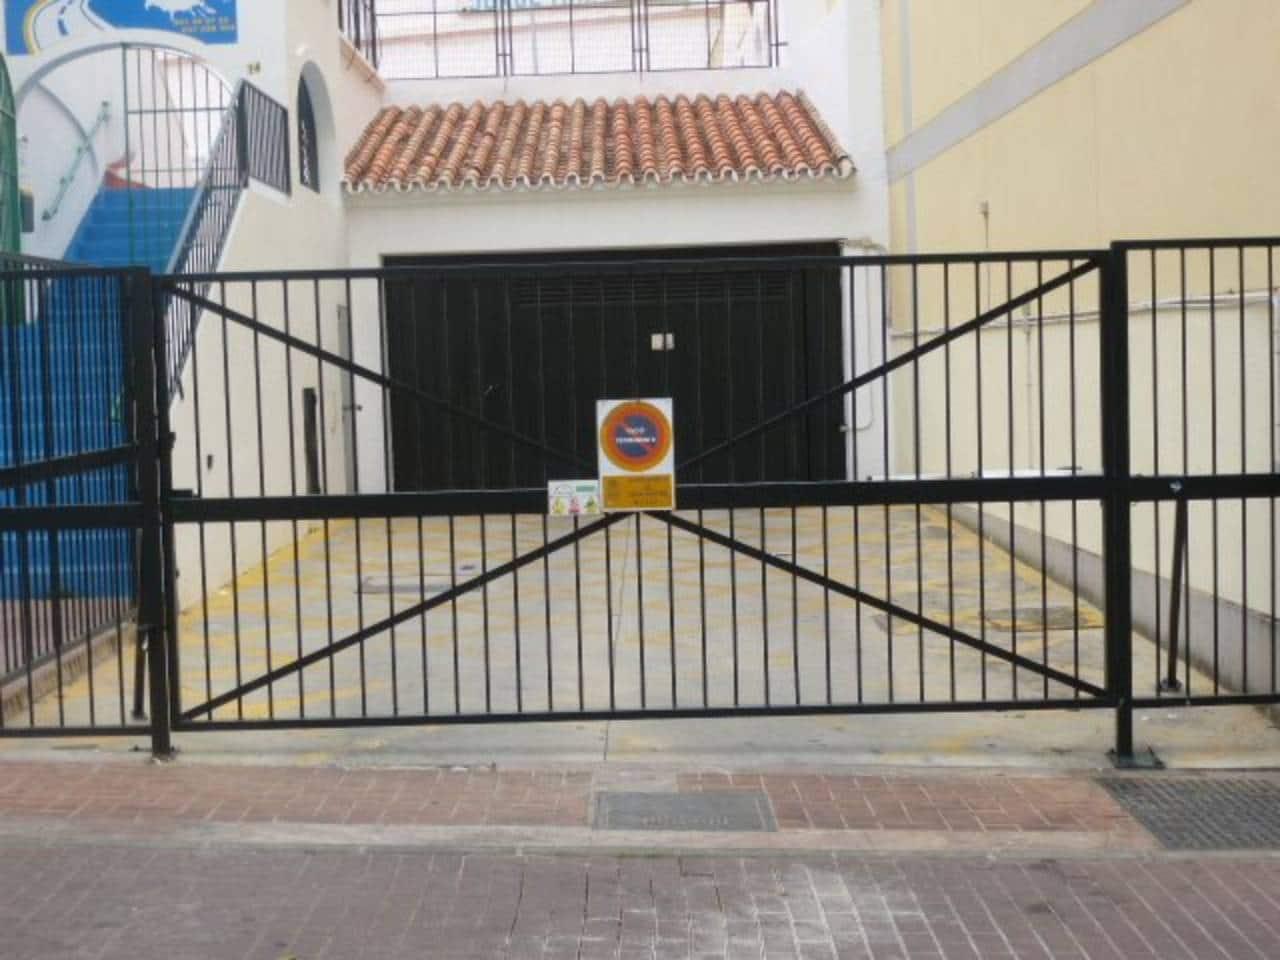 Garaje en Arroyo de la Miel en venta - 13.200 € (Ref: 4529782)